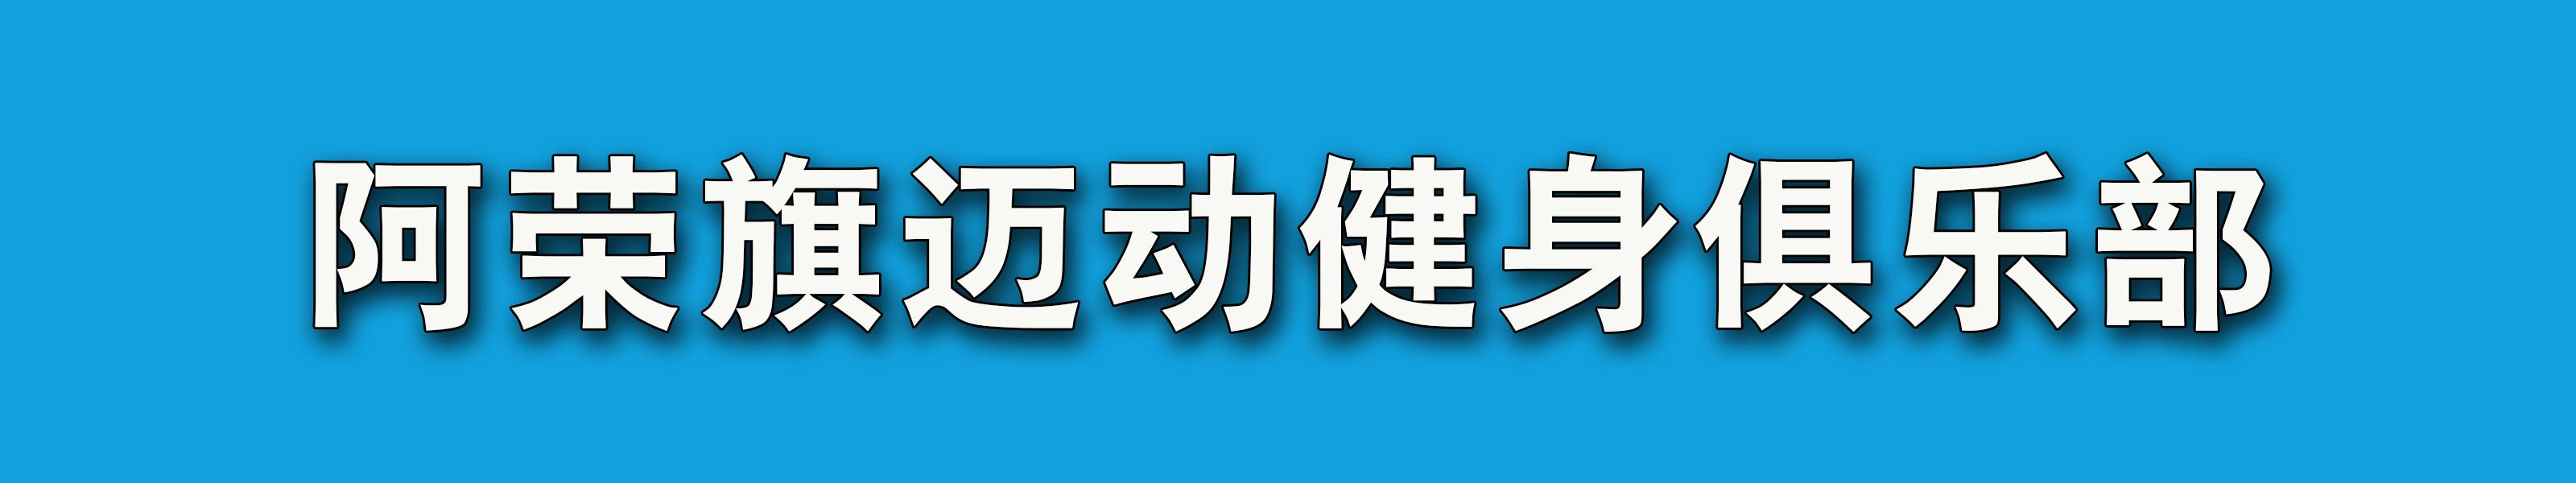 阿�s旗�~�咏∩砭�凡�